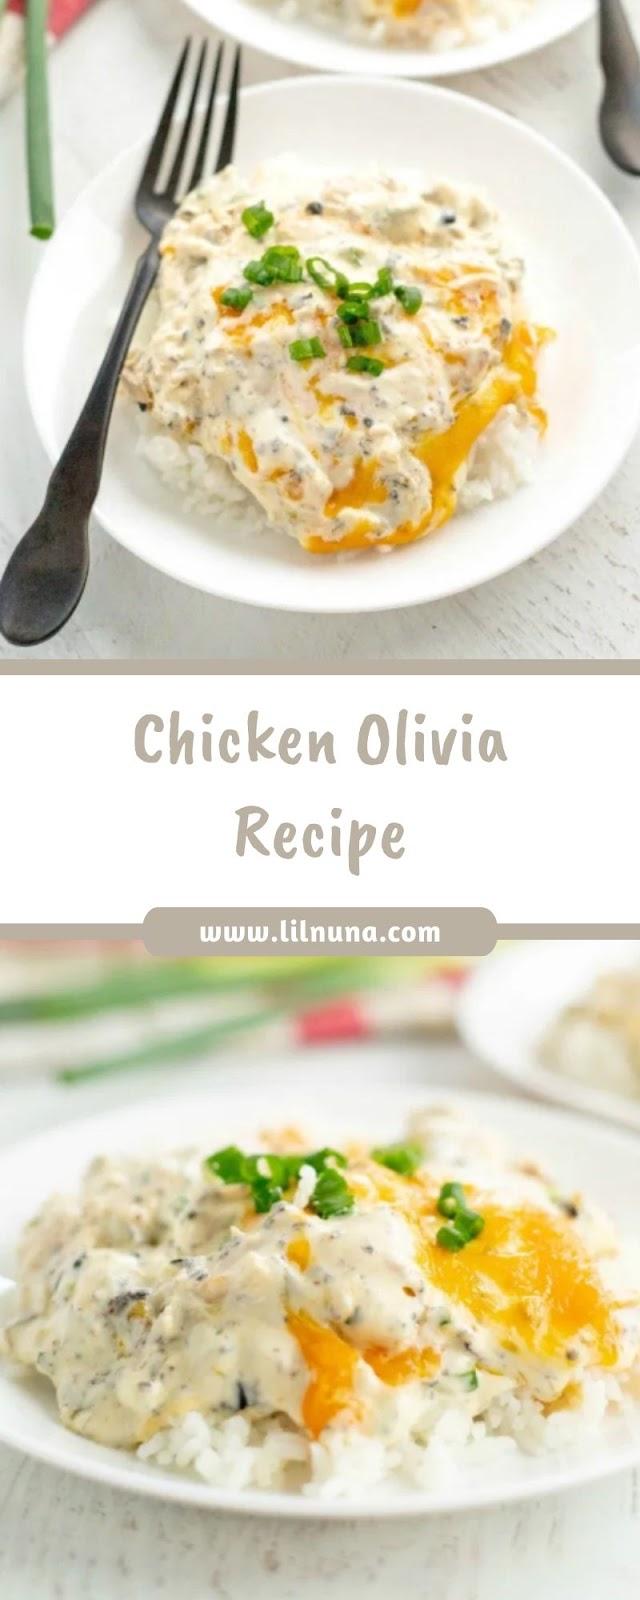 Chicken Olivia Recipe